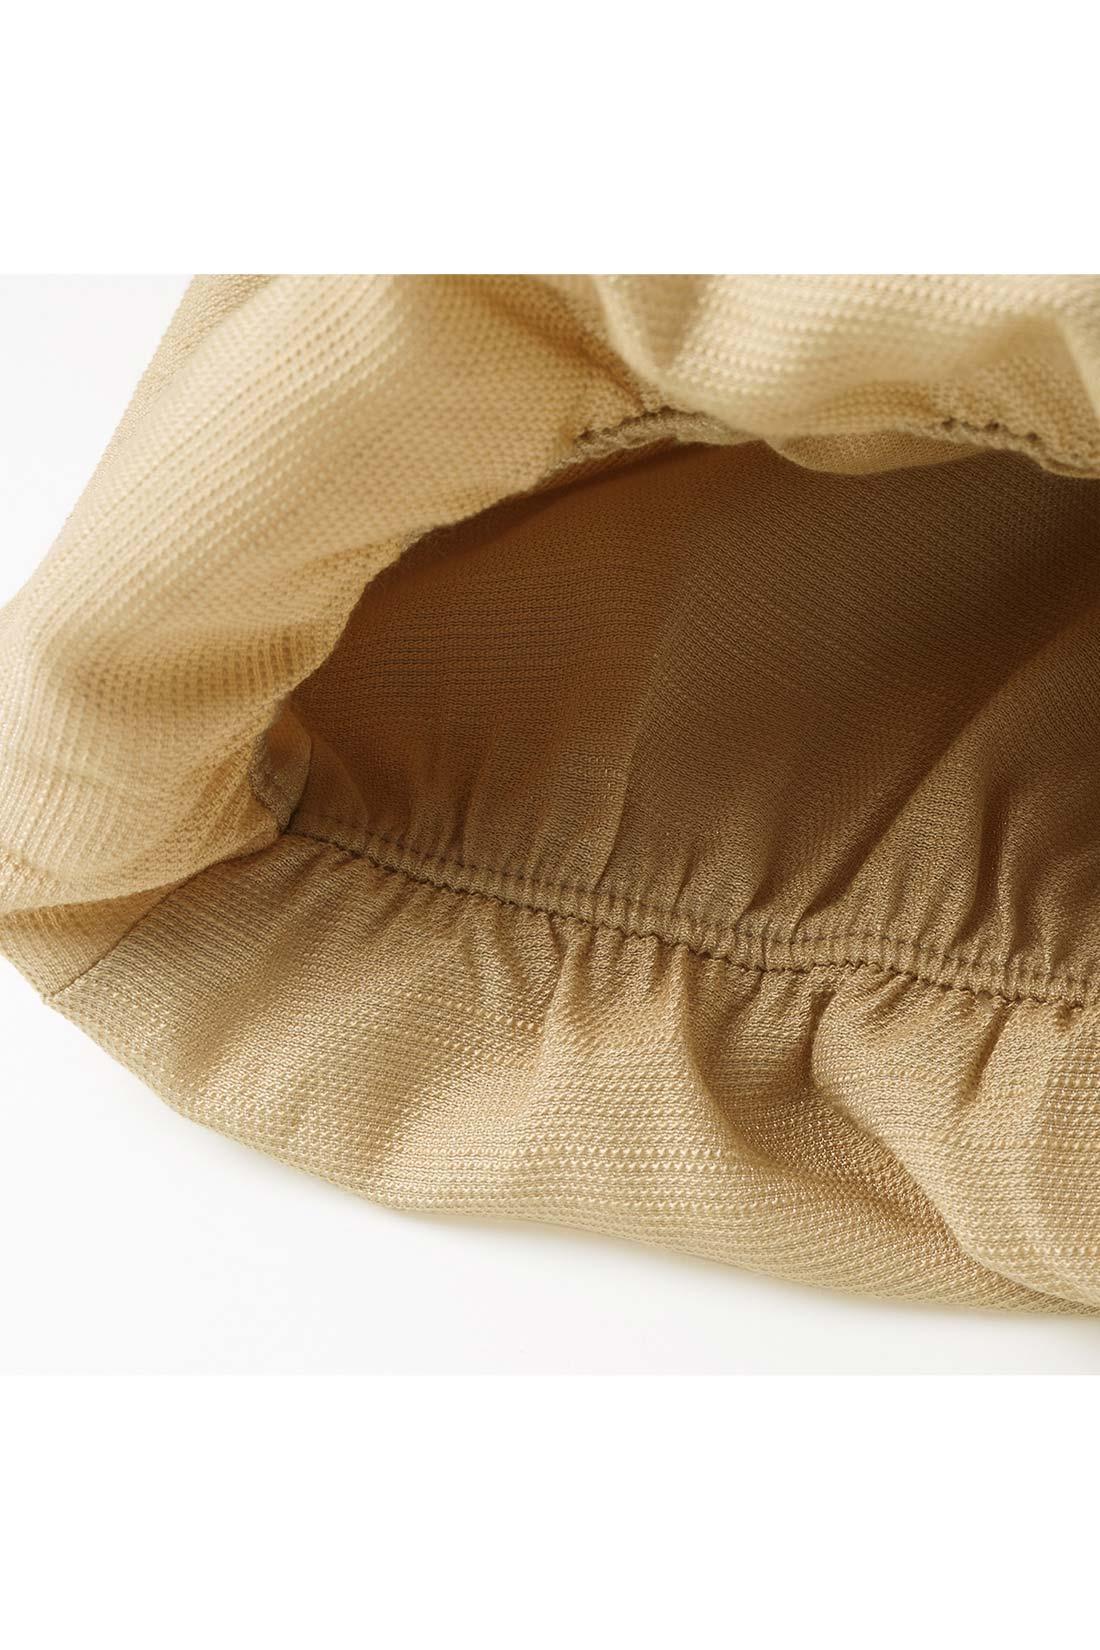 締め付けない袖ゴム仕様。 袖口のゴム遣いで自然なボリュームシルエットに。快適なフィット感で袖丈の調節もOK。 ※お届けするカラーとは異なります。